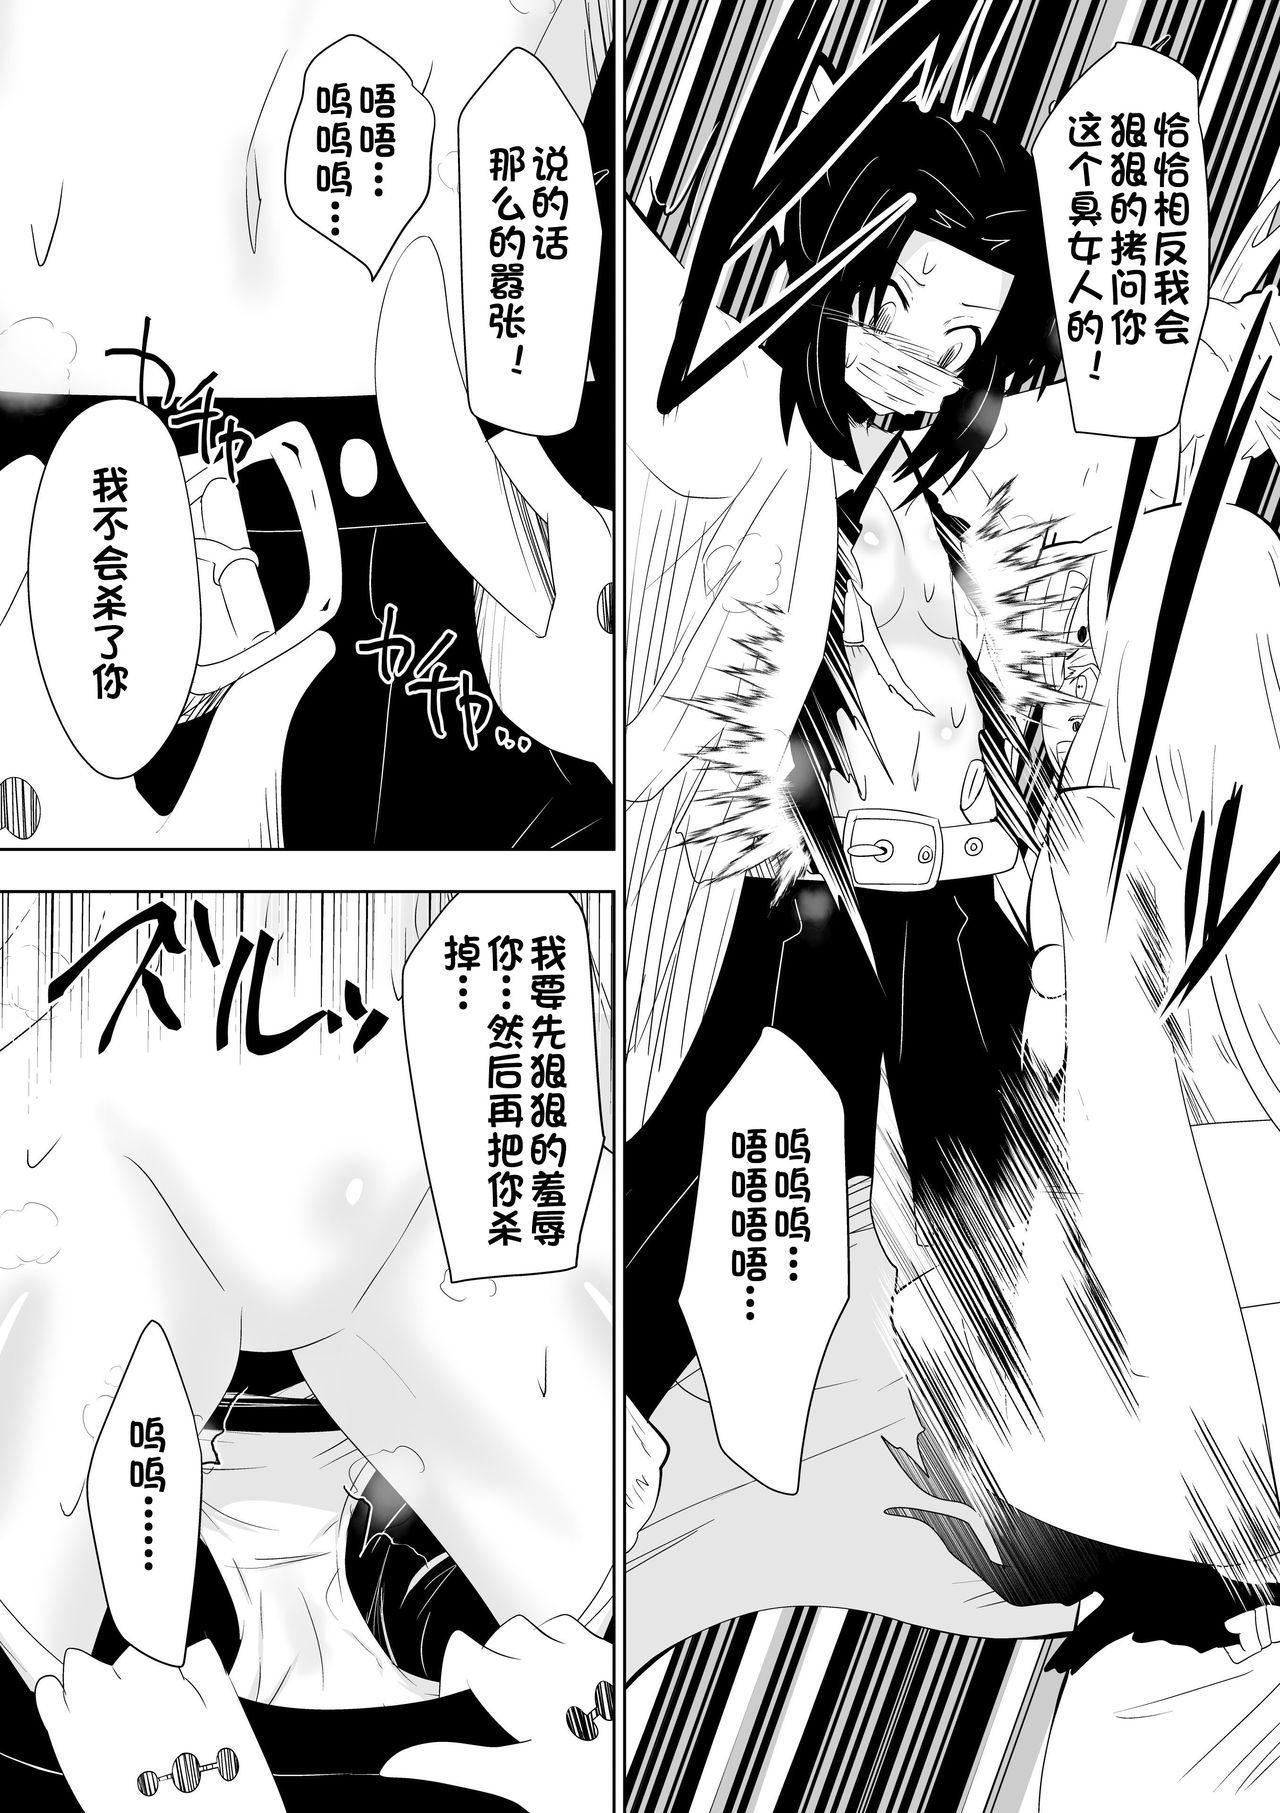 Hametsu no Shinobu 5